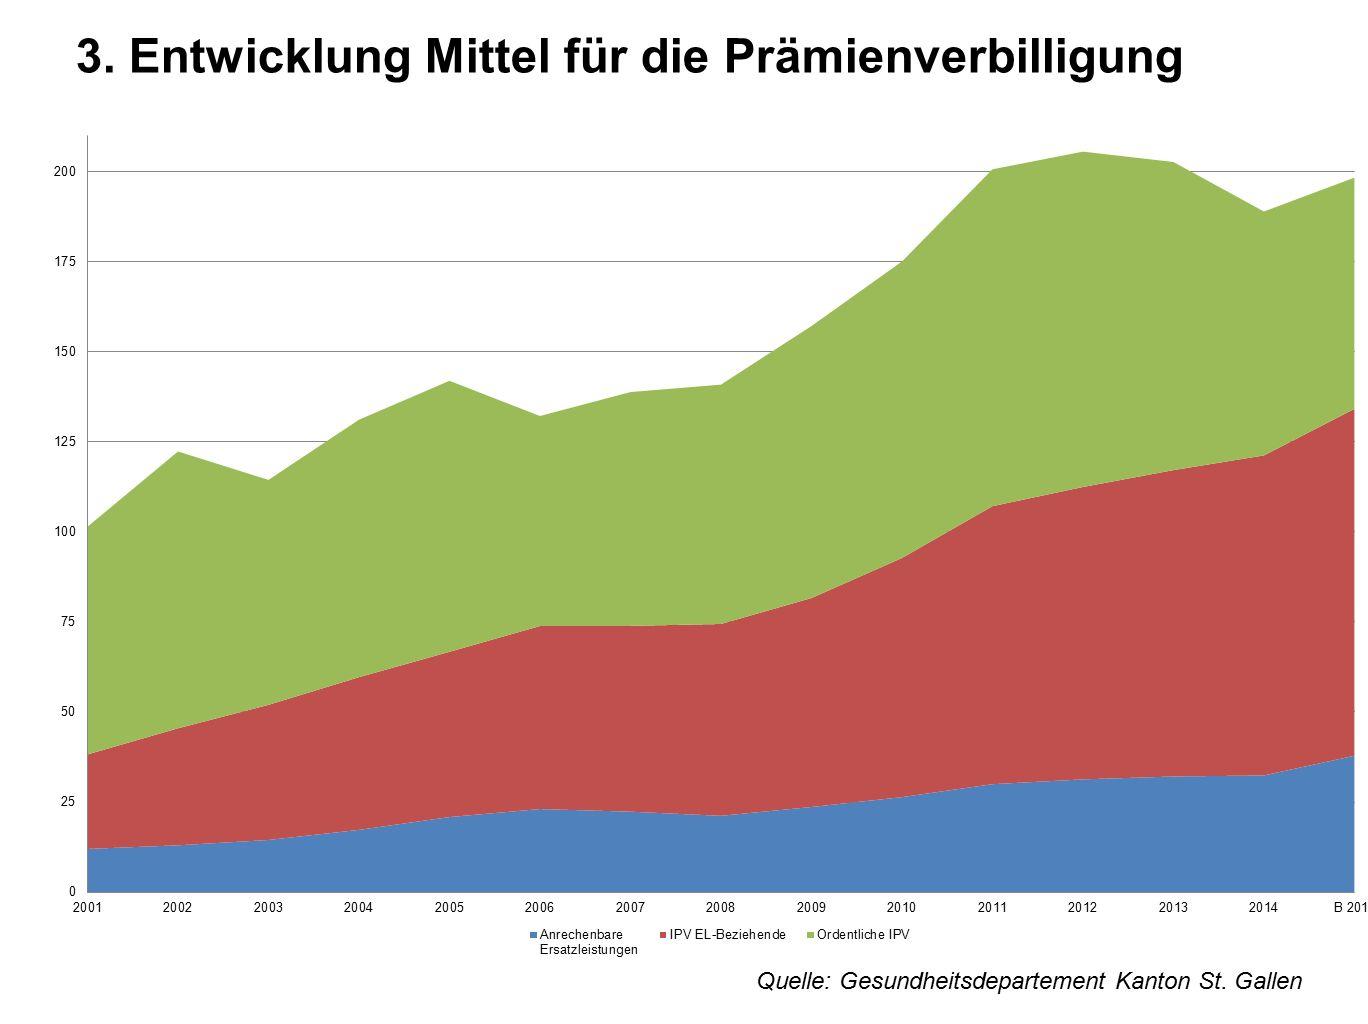 3. Entwicklung Mittel für die Prämienverbilligung Quelle: Gesundheitsdepartement Kanton St. Gallen